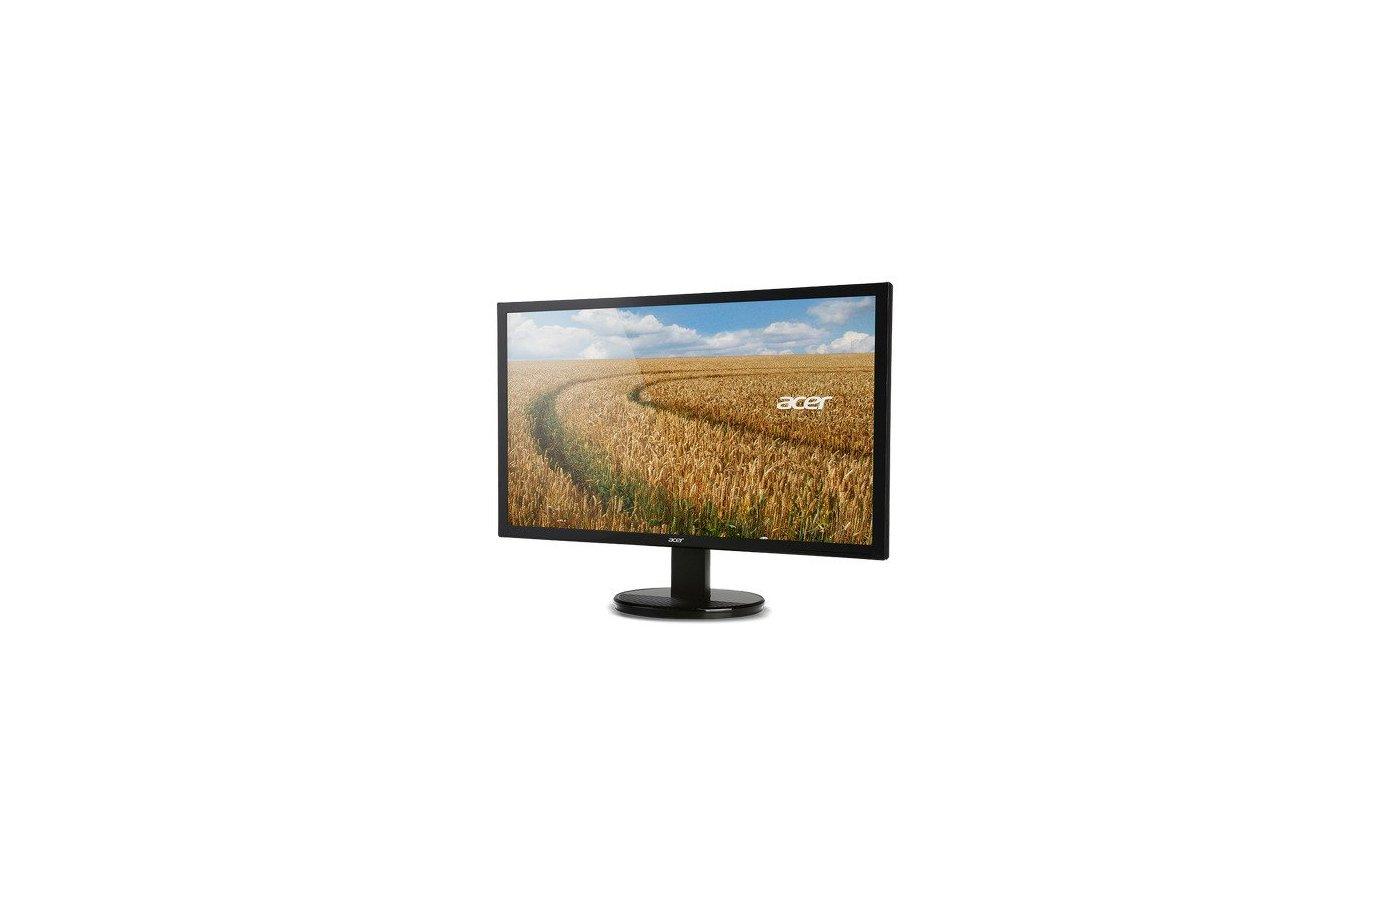 """ЖК-монитор более 24"""" Acer K242HLbd /UM.FW3EE.002/"""